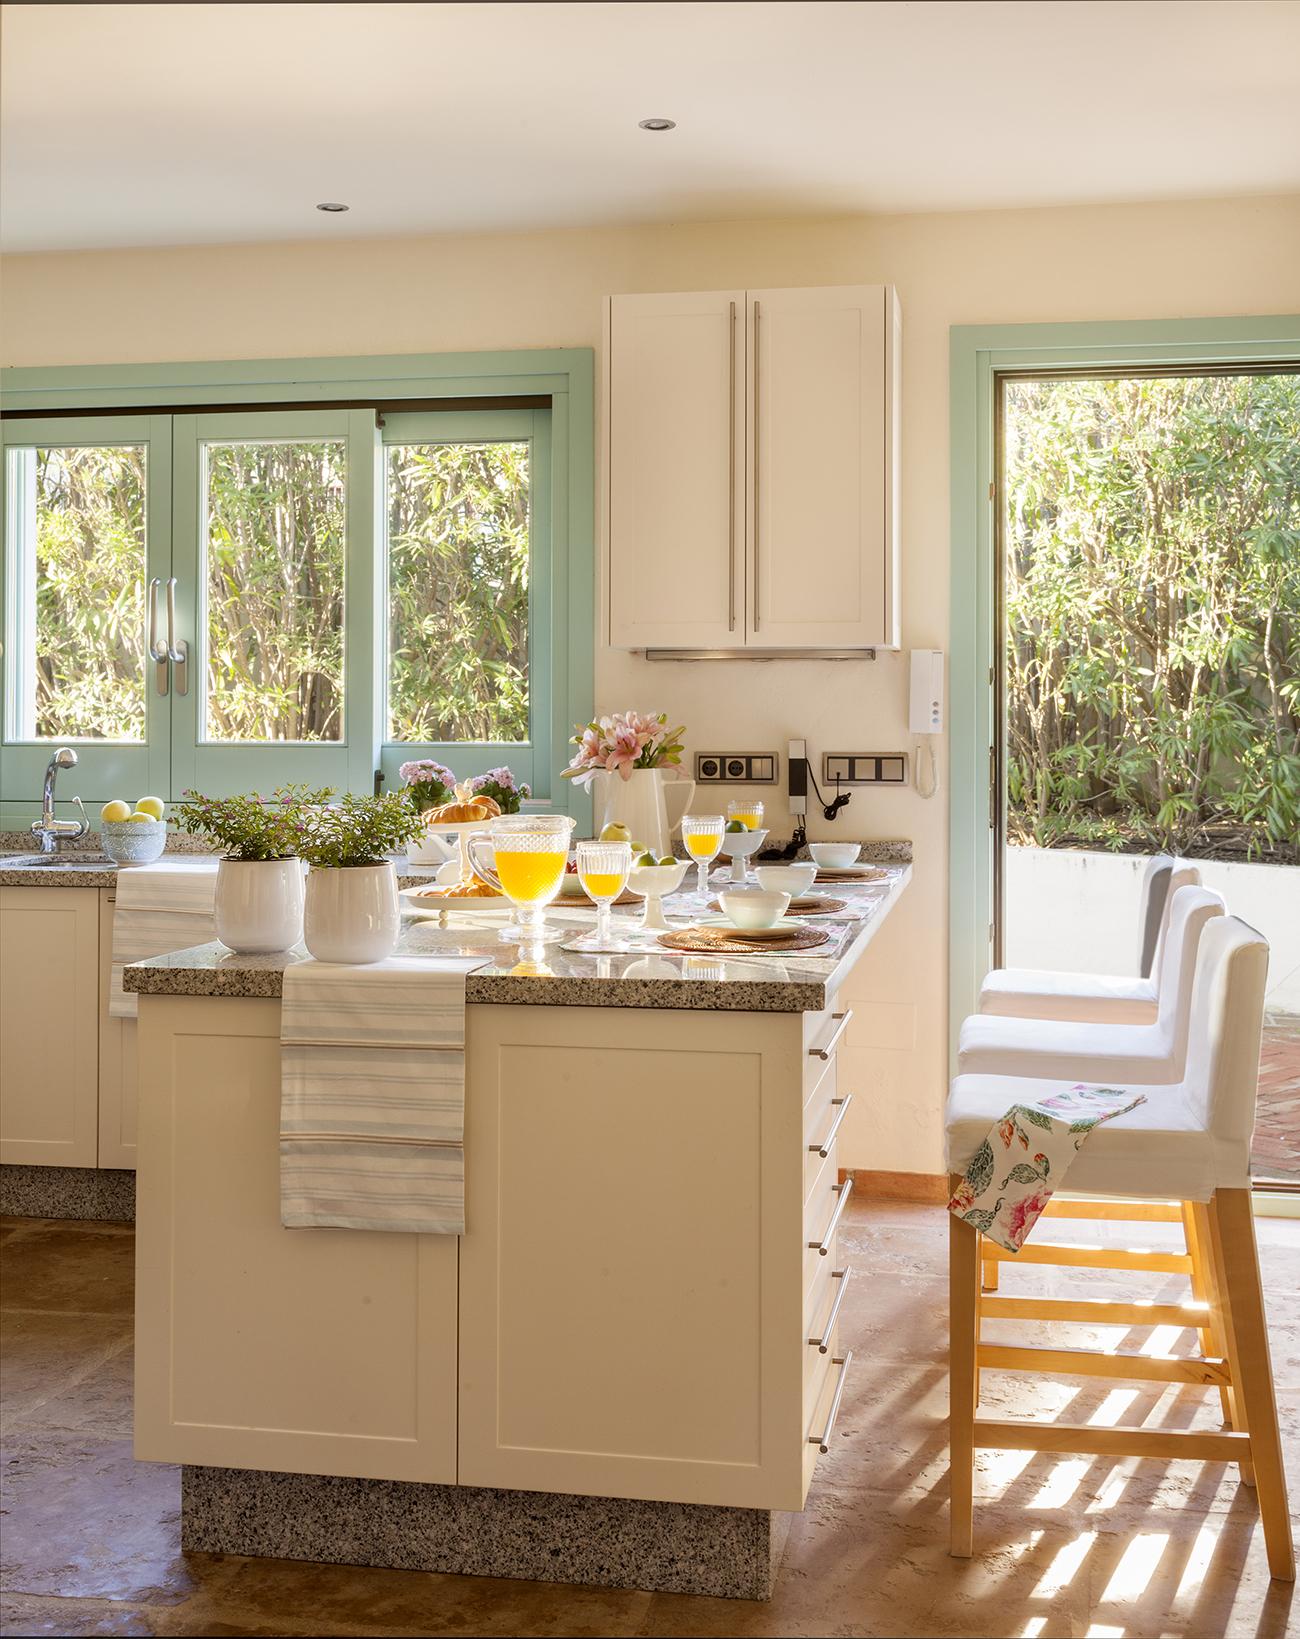 Encimeras de granito gama de colores finest finest for Encimera cocina granito precio